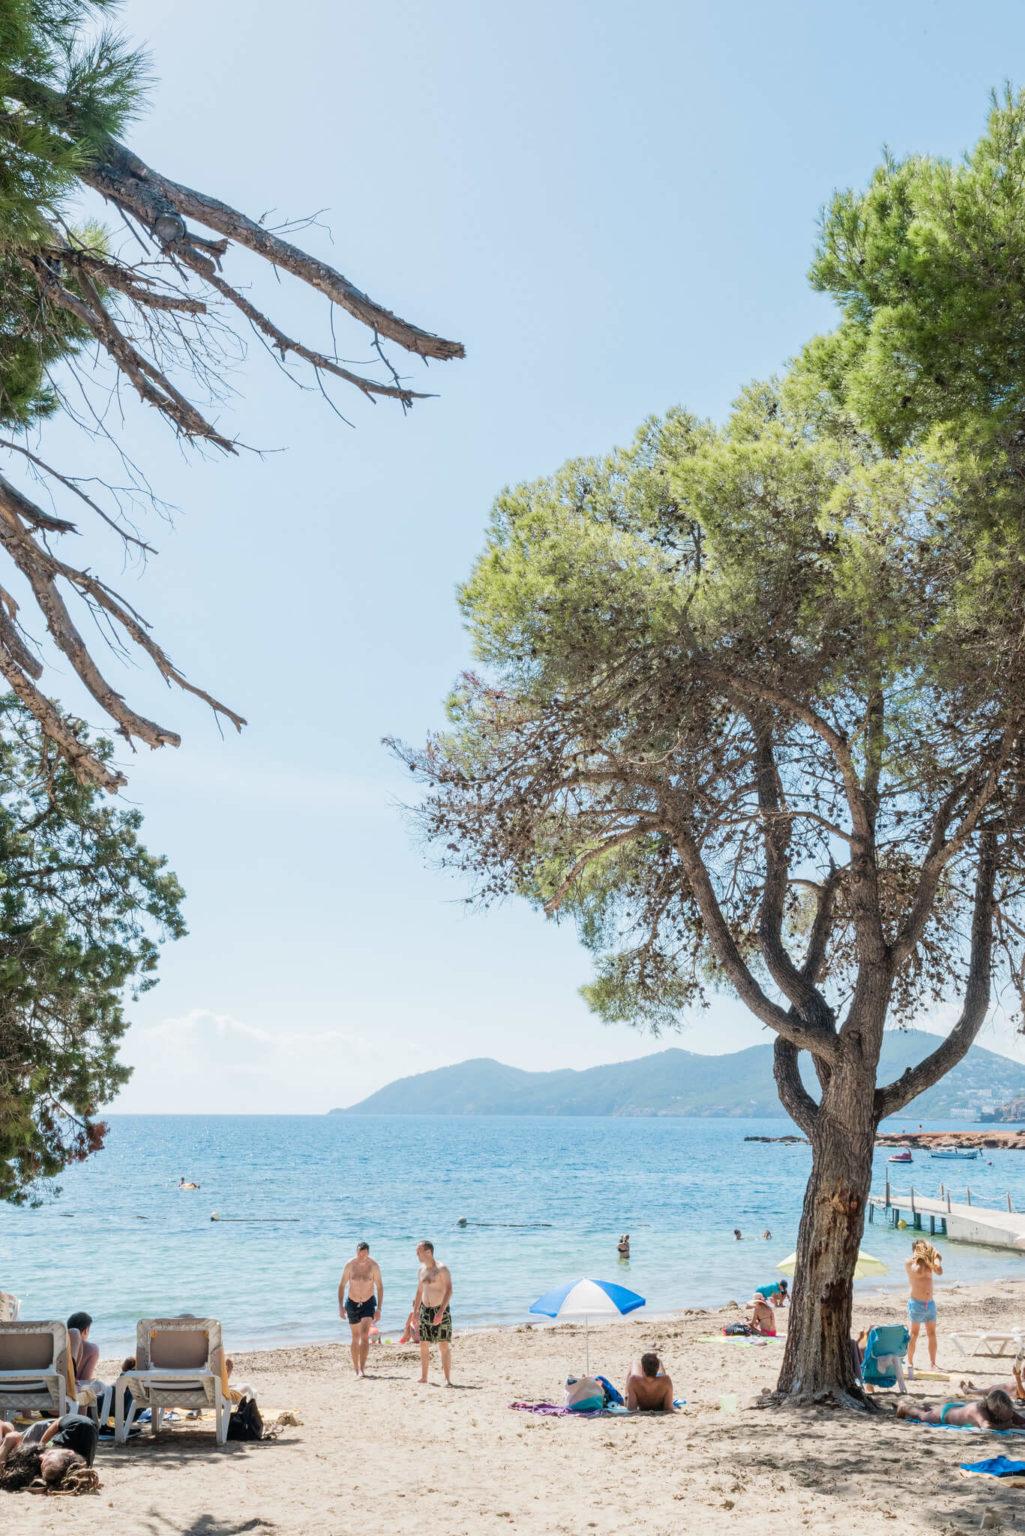 https://www.white-ibiza.com/wp-content/uploads/2020/03/ibiza-beaches-cala-pada-07-1025x1536.jpg